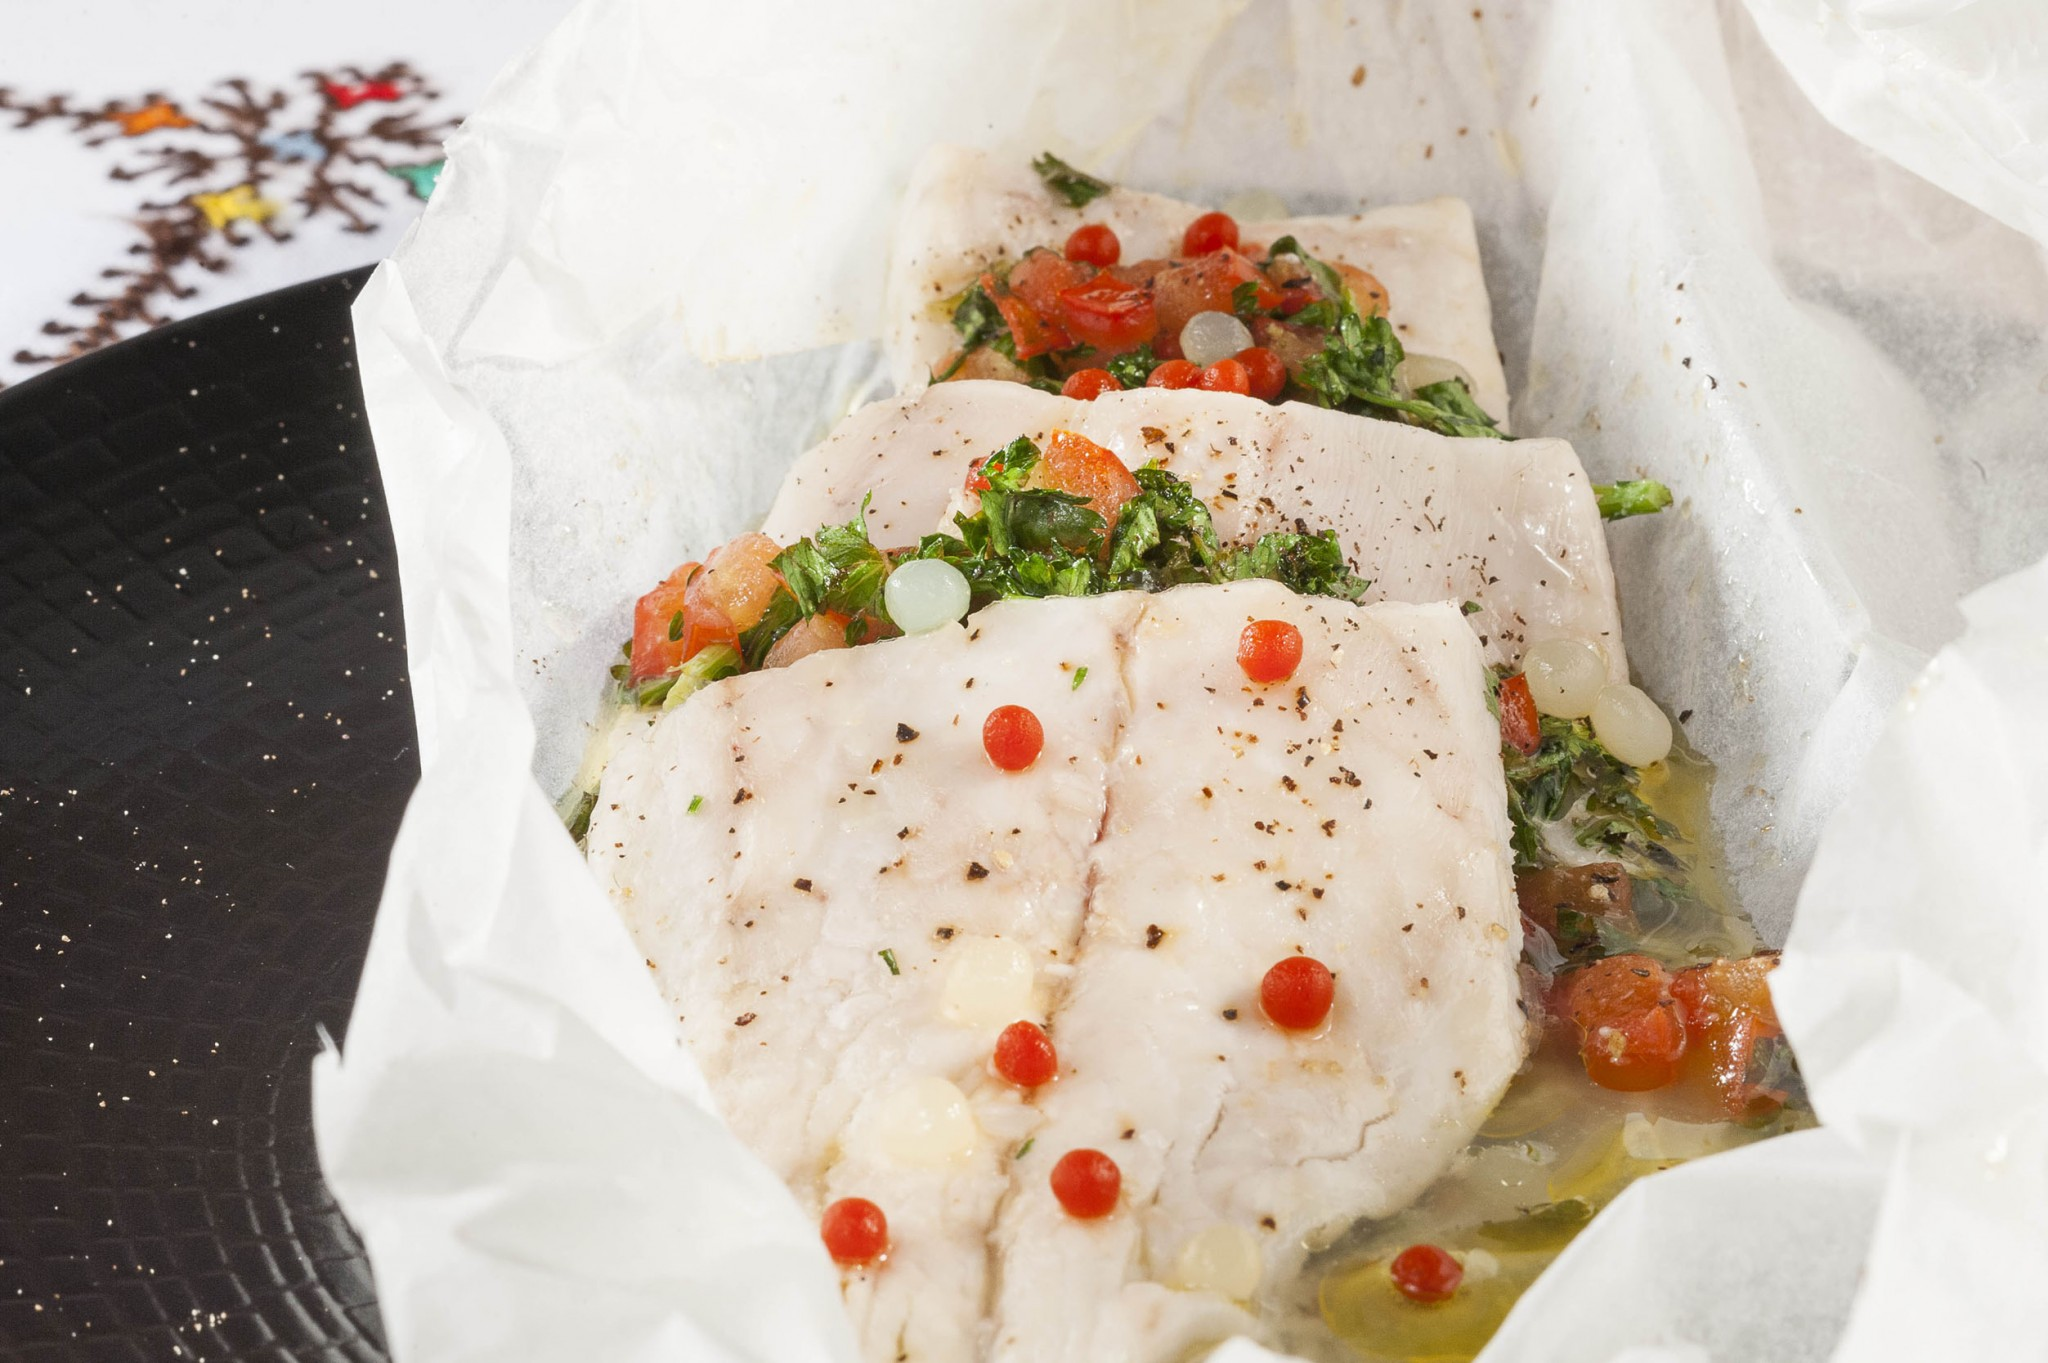 photographie culinaire, poisson en papilote